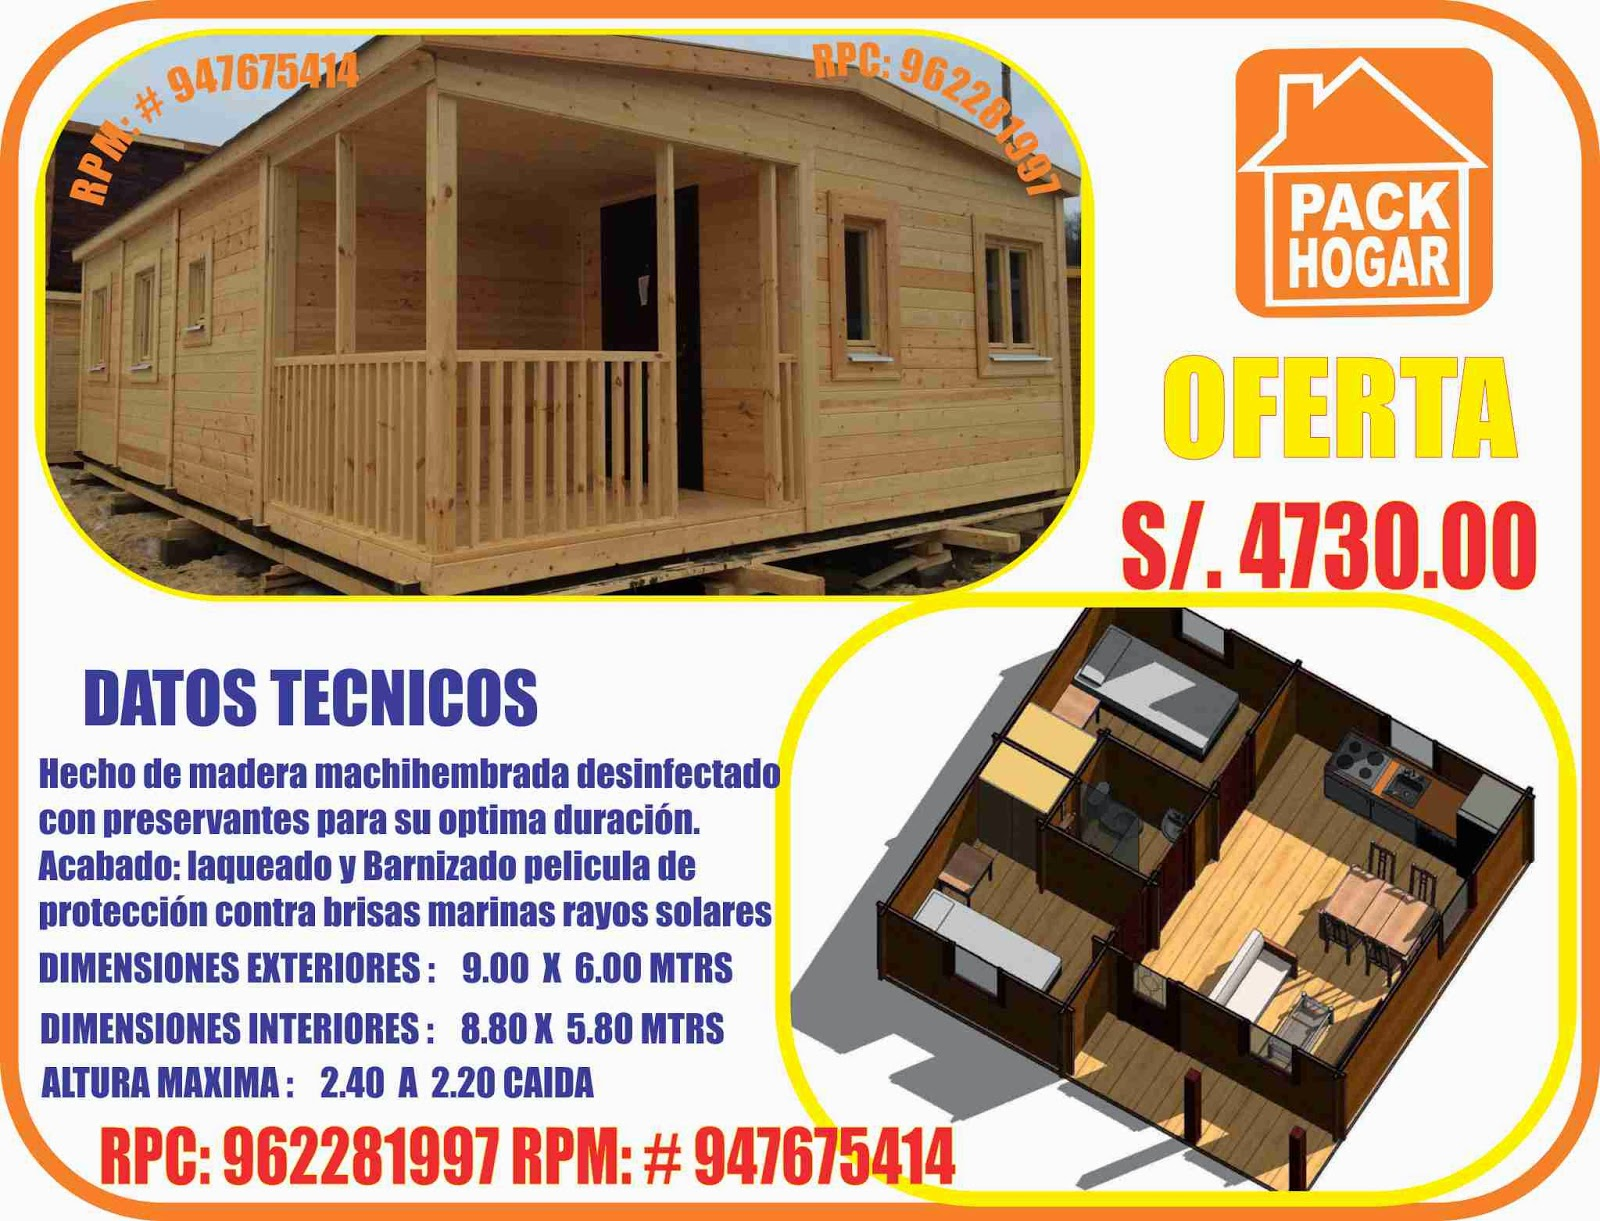 Modelos De Casas Prefabricadas Economicas Para Campo Playa En Peru